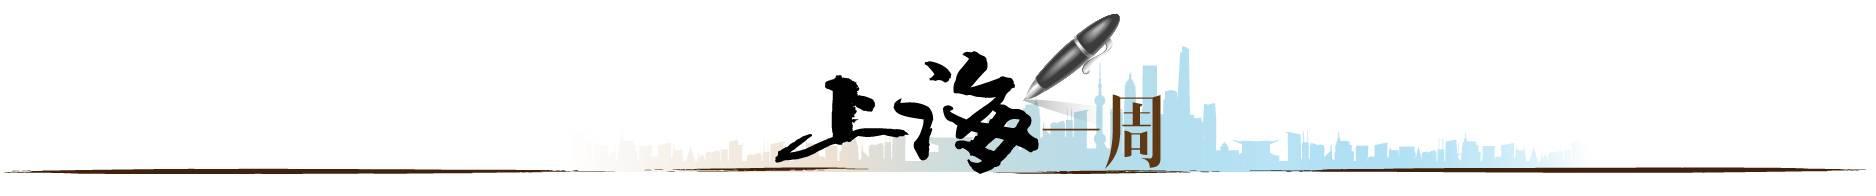 【上海一周】全国两会前,上海的几个特别气象